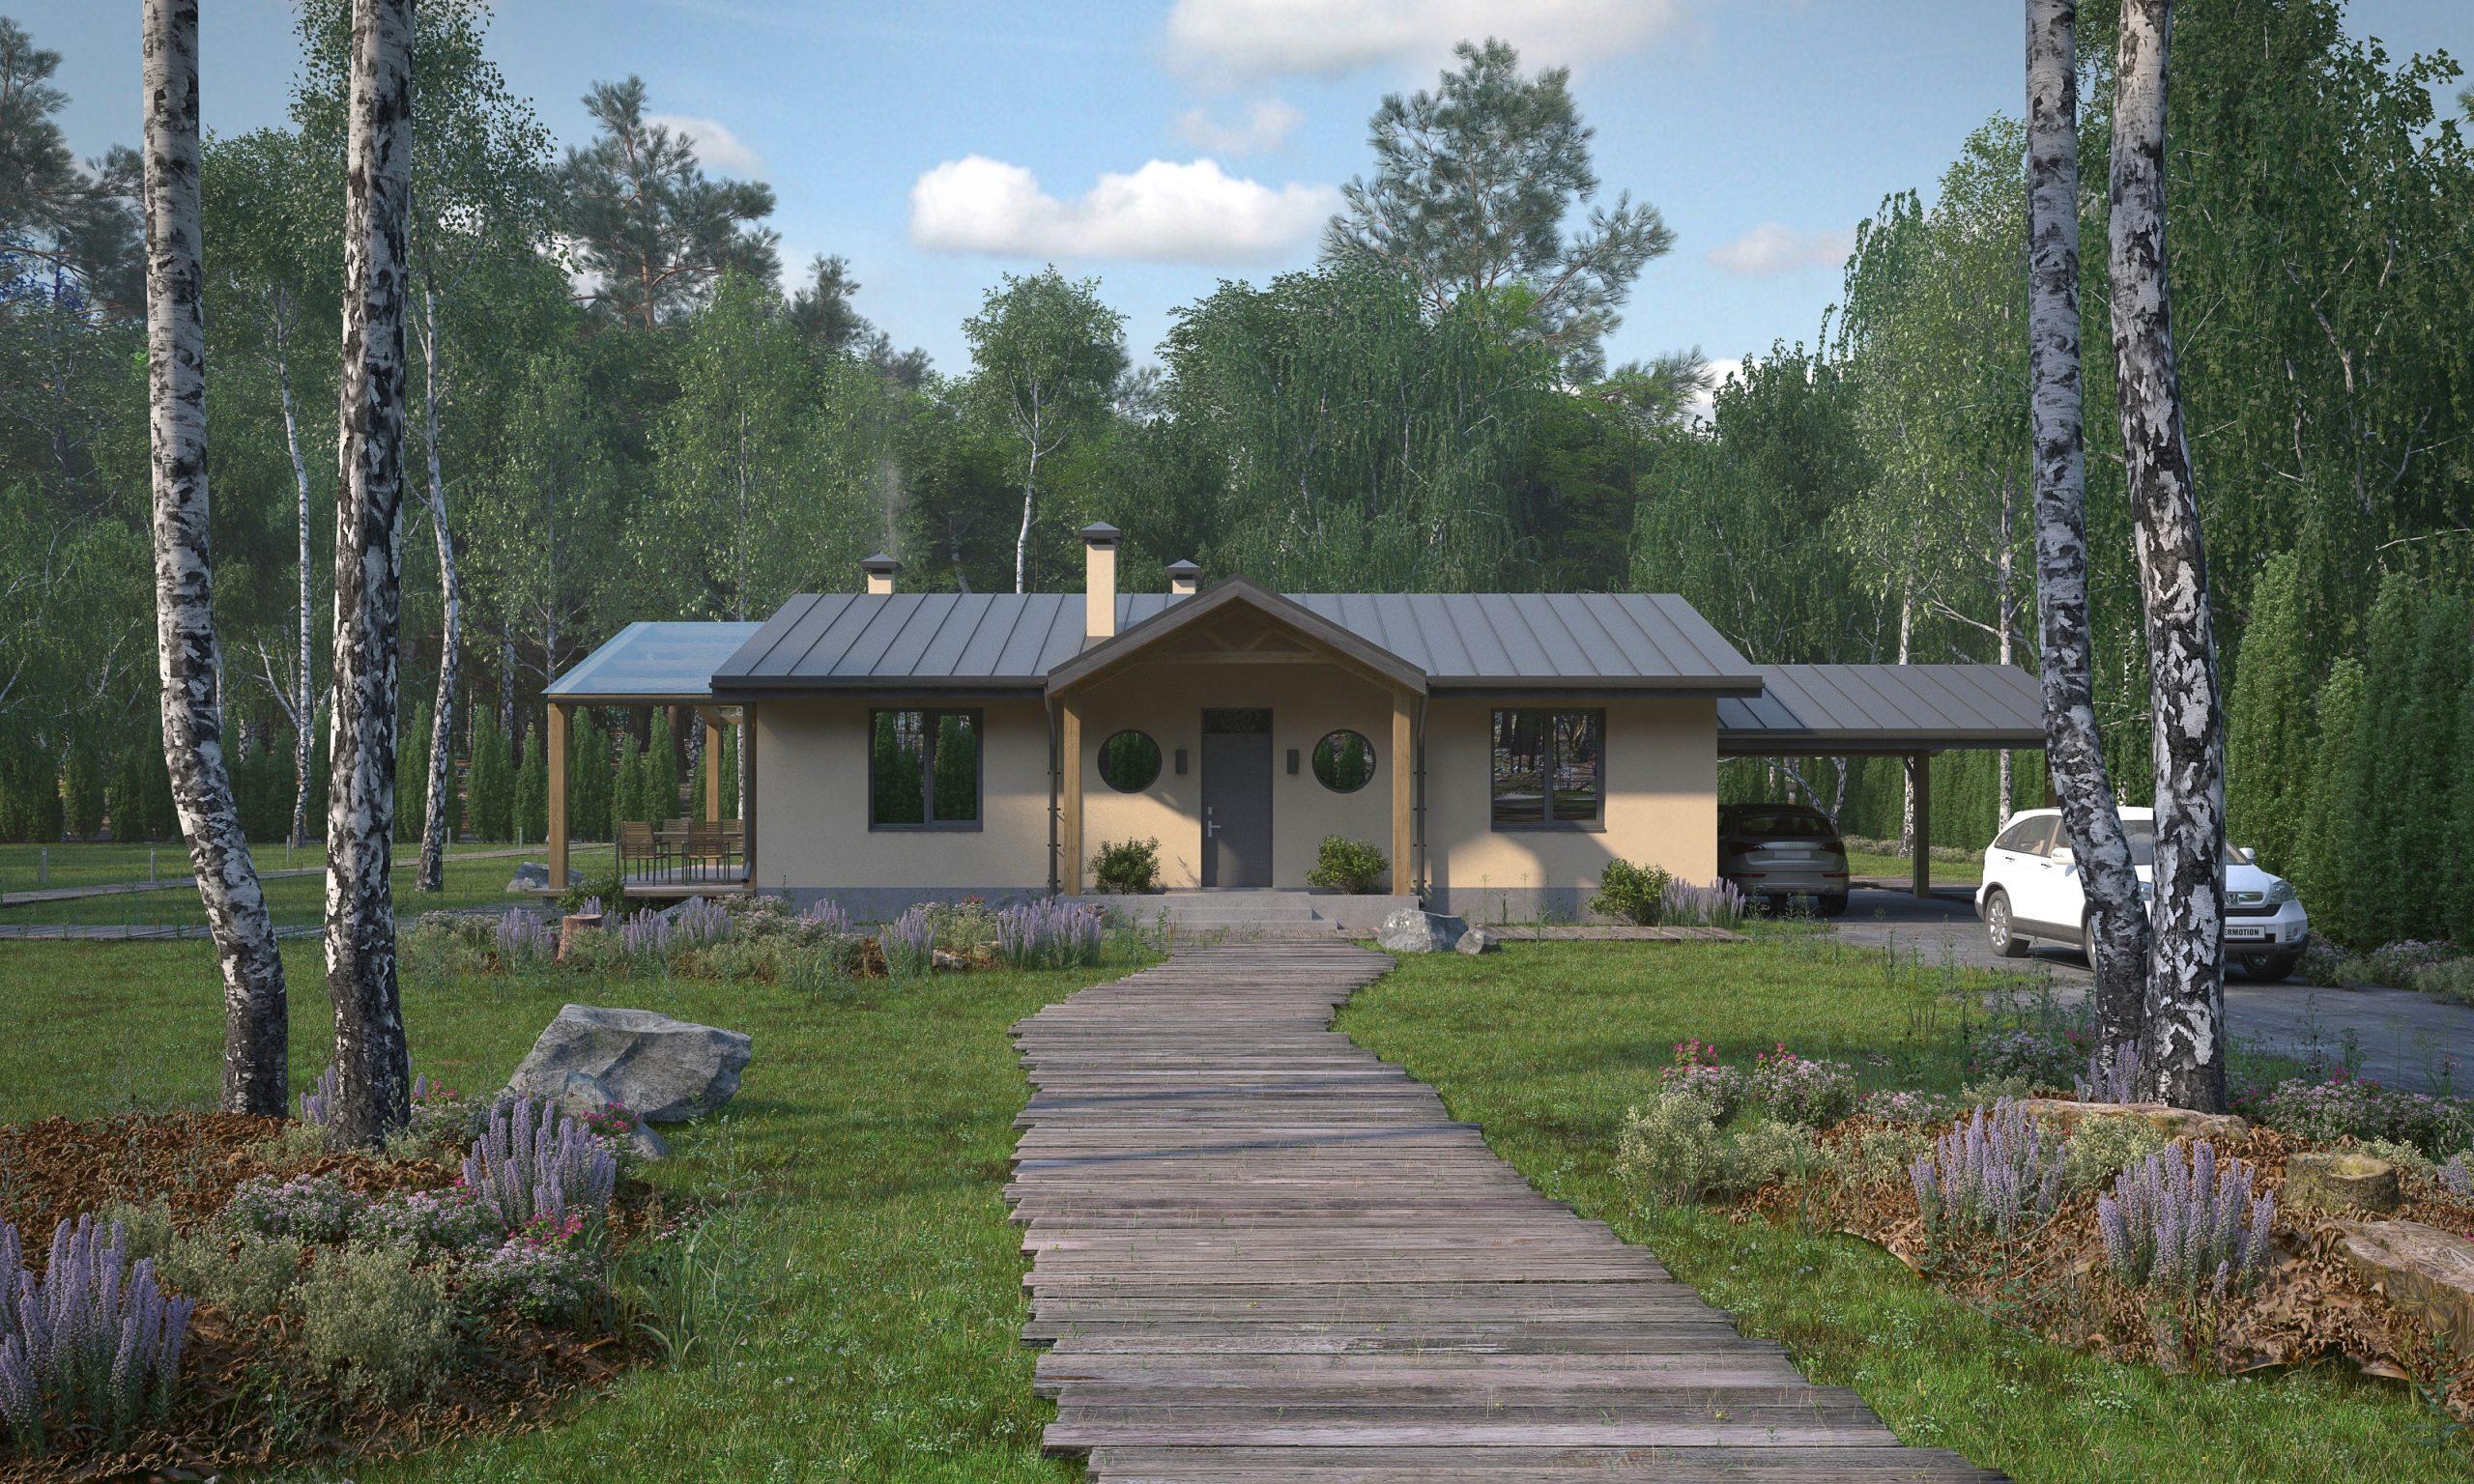 Изображение для проекта Проект небольшого дома по Васту и Фэншуй 1780